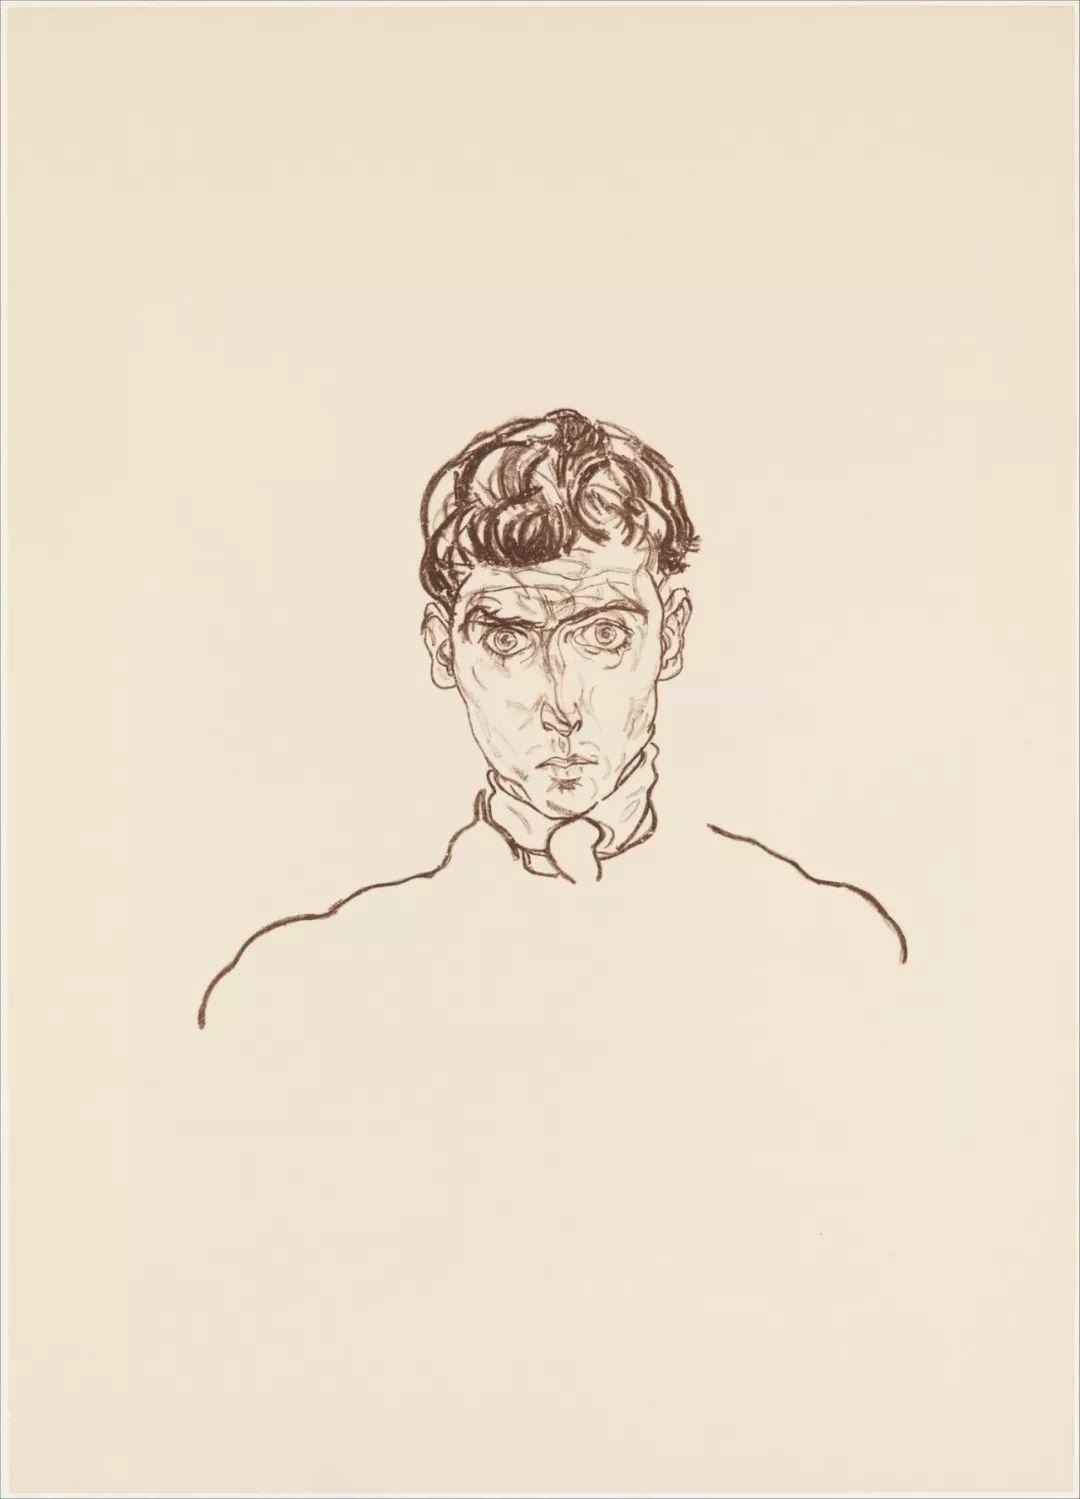 年仅28岁,生前遭受非议,死后却被捧为直逼心灵的艺术家插图187